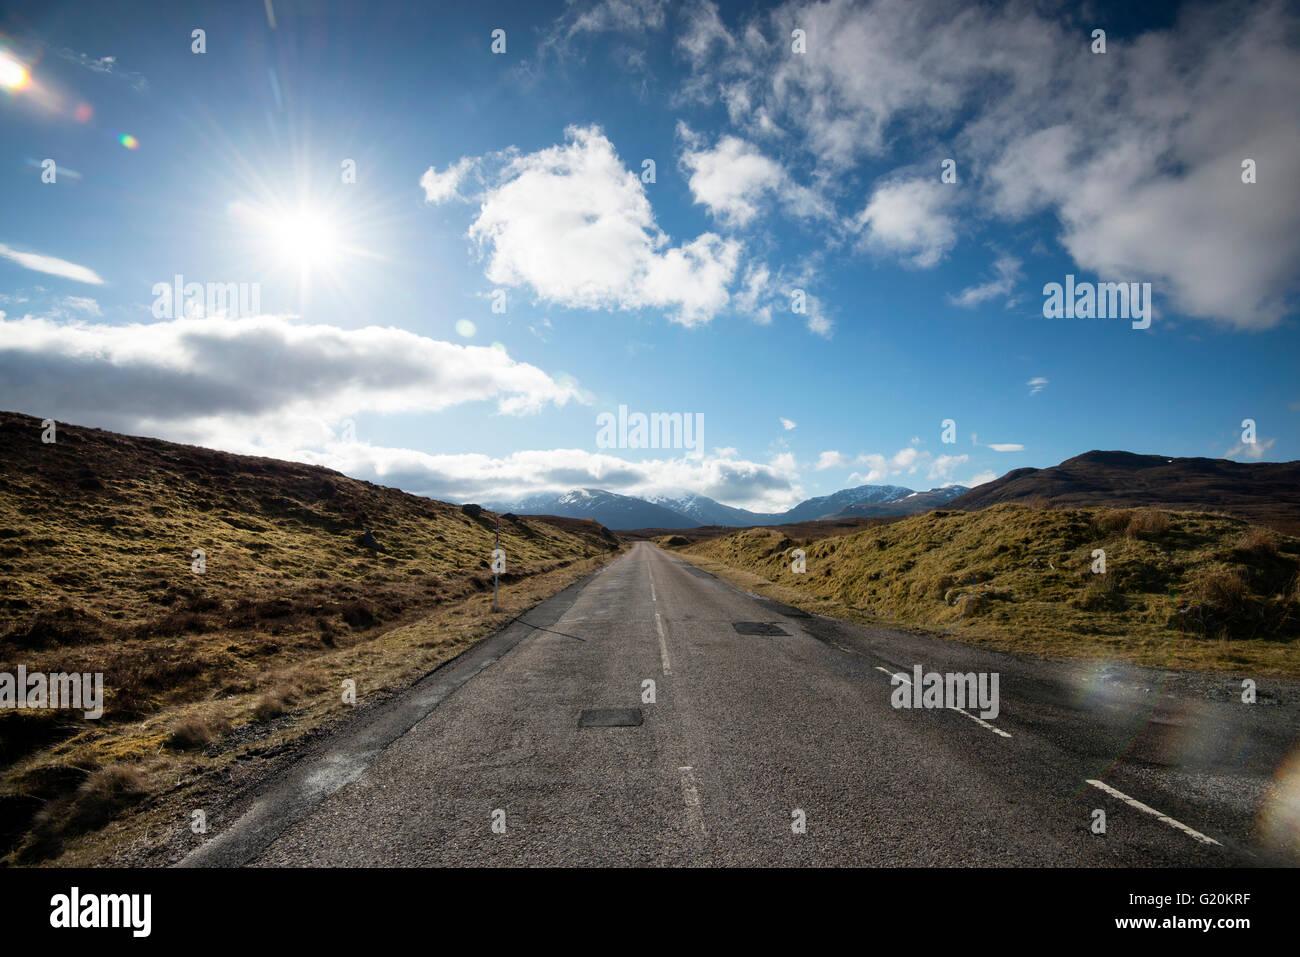 Les nuages blancs moelleux et sans fin sur la route A832 dans l'extrême nord-ouest de l'Écosse, Royaume-Uni Banque D'Images